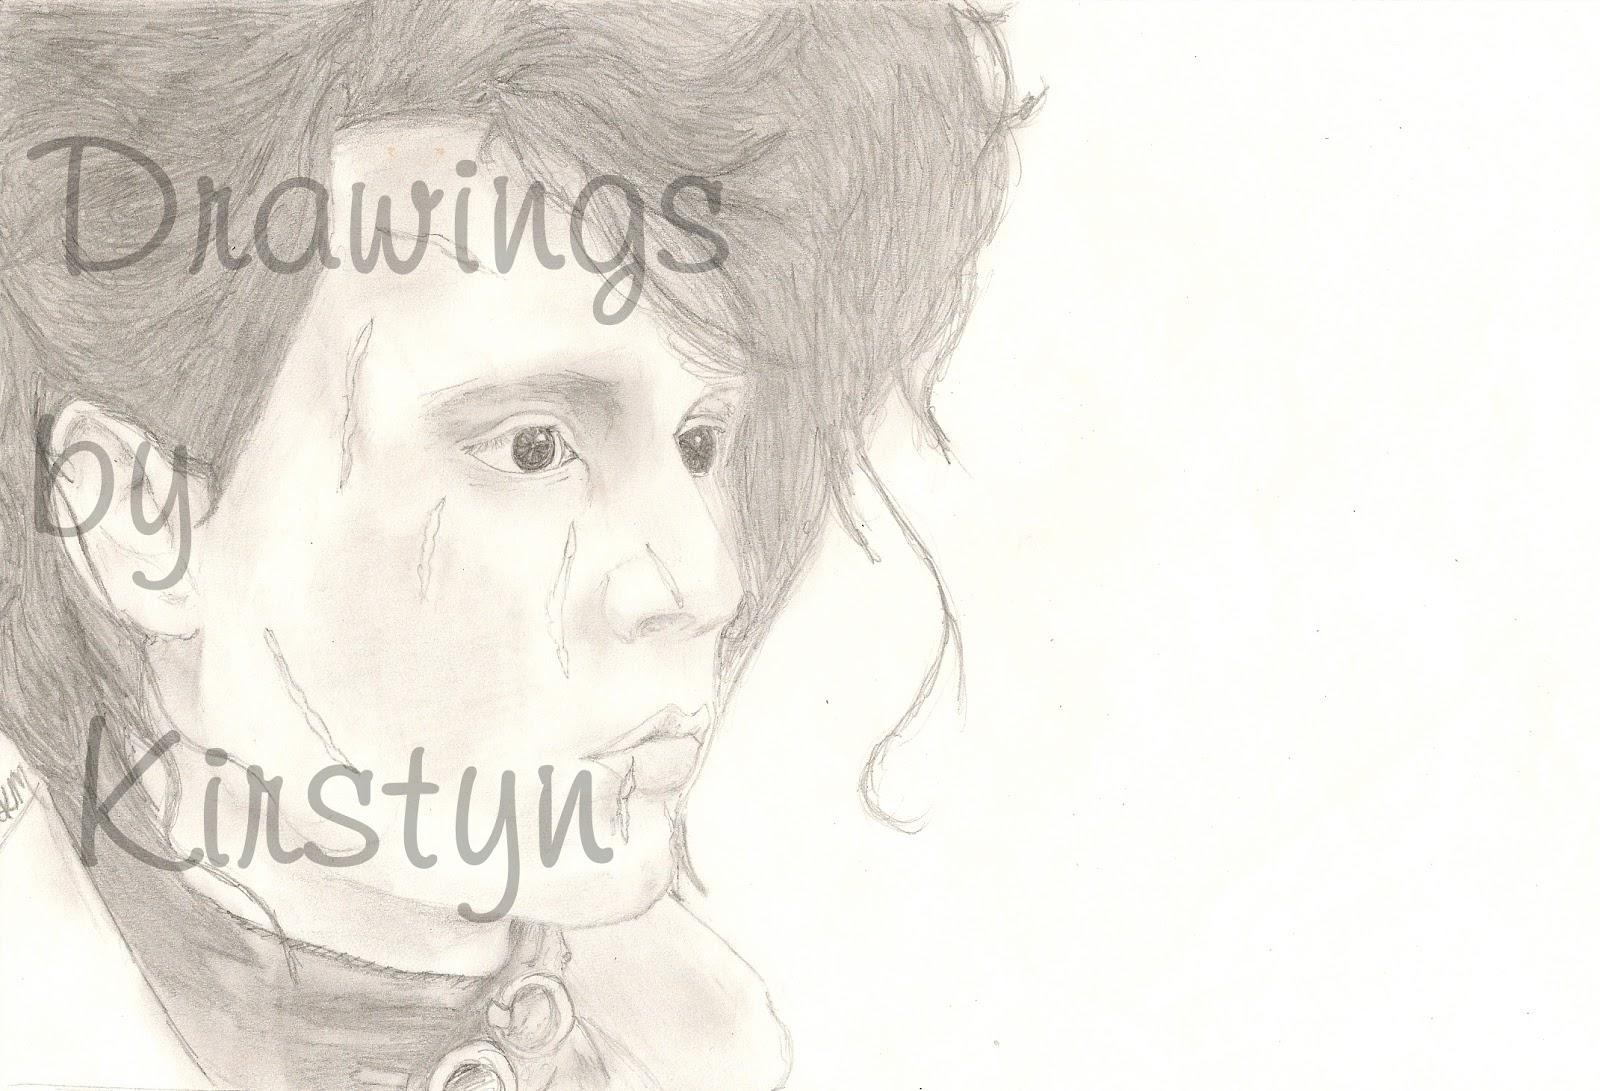 http://1.bp.blogspot.com/-CSmy9o8ExWA/T1VsExIs-JI/AAAAAAAAADE/nh79jZiVtxY/s1600/Edward+Scissorhands+C.jpg